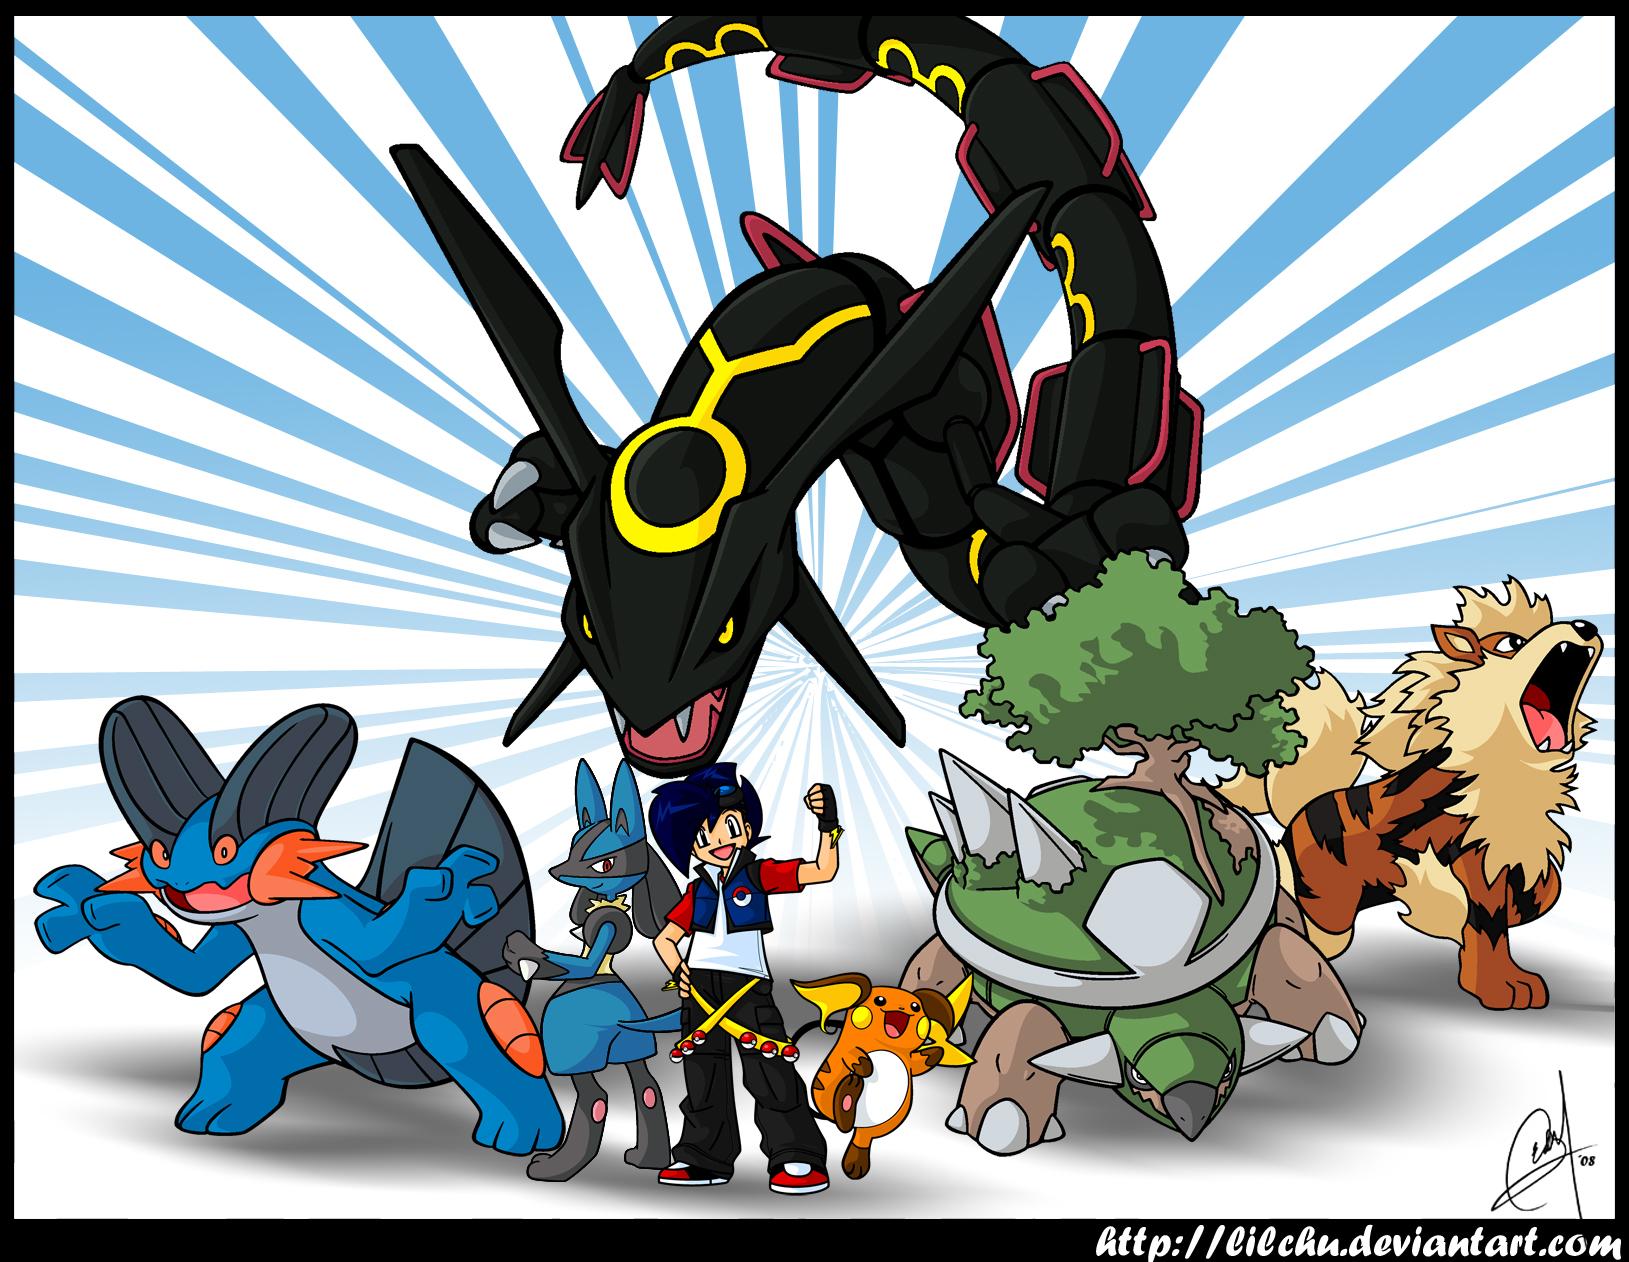 Manga __The_Pokemon_Way___by_LilChu